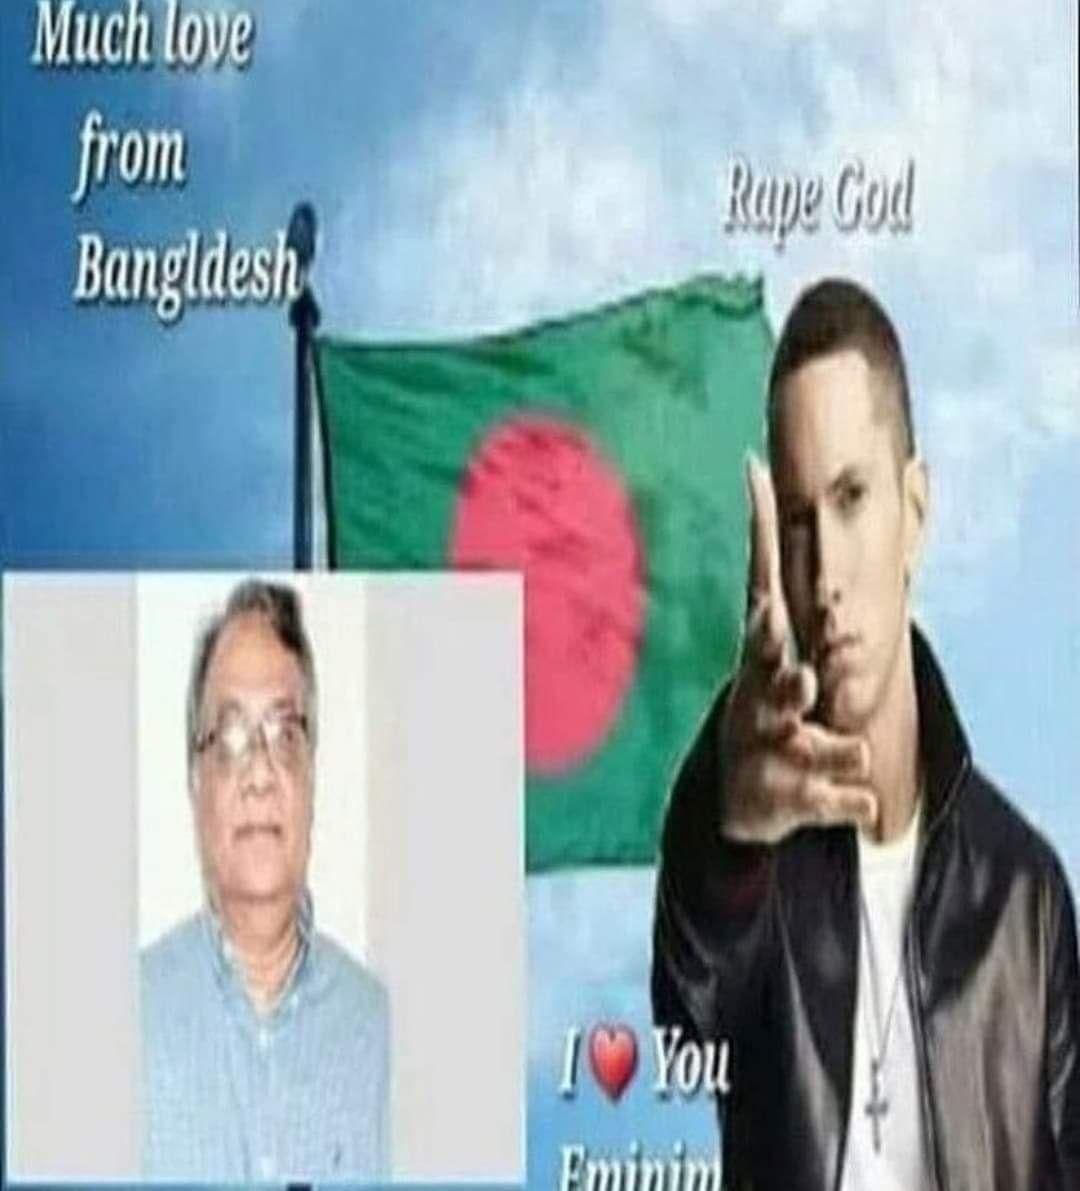 Bangldesh